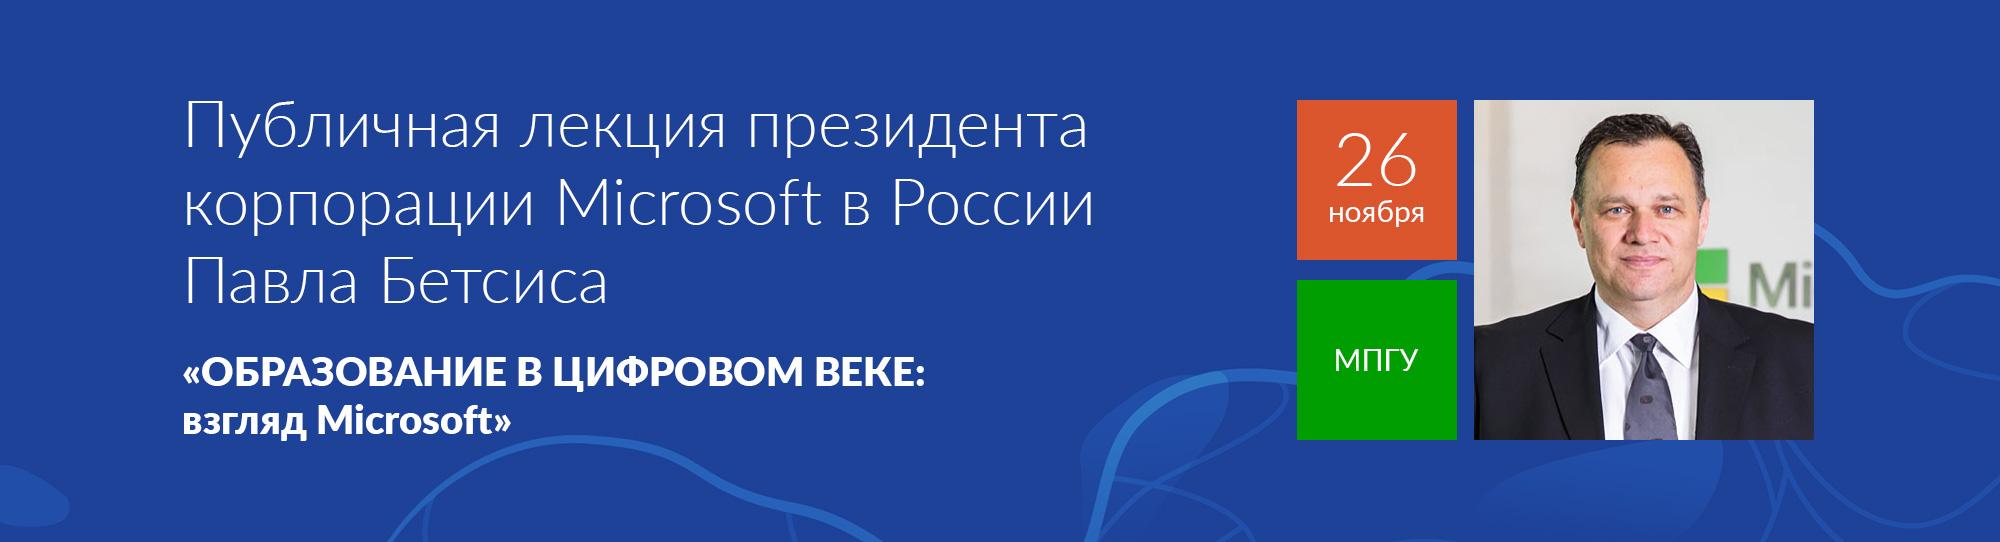 mpgu-site-big-banner-lekciya-Microsoft